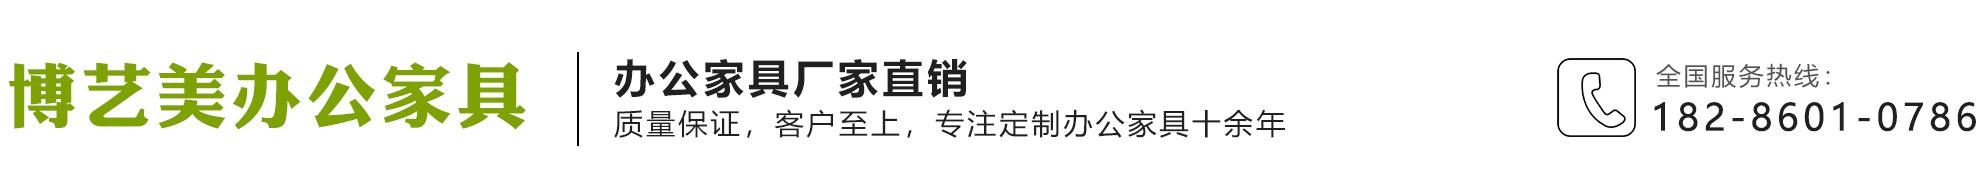 贵州博艺美办公家具75秒速时时彩官网